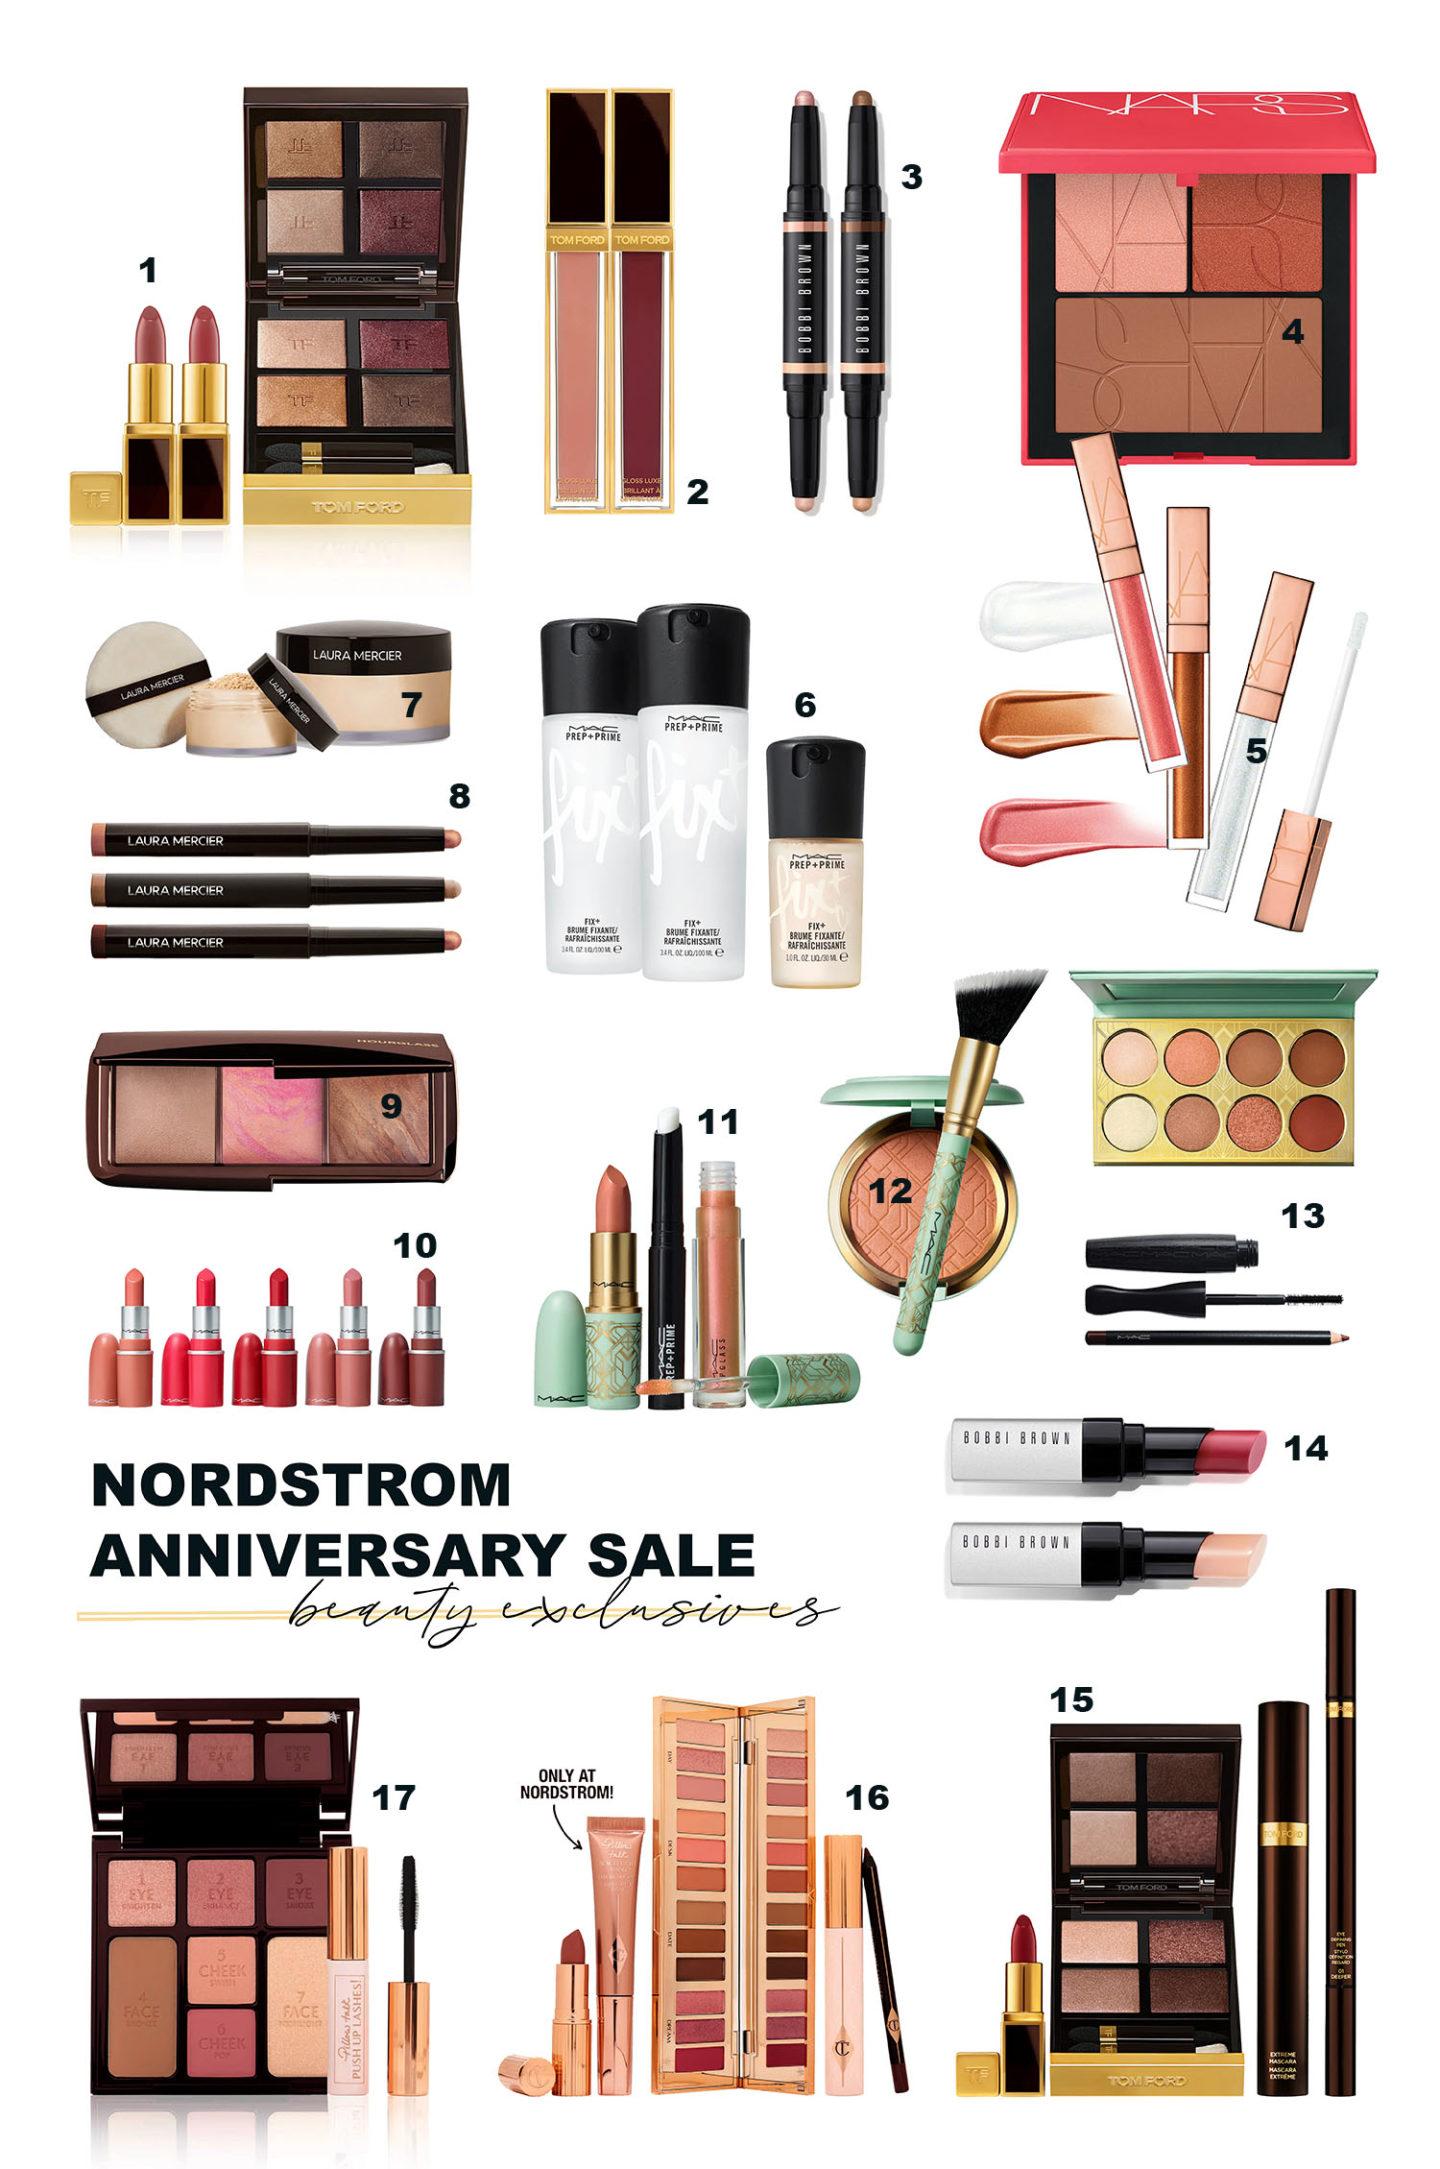 Vente d'anniversaire Nordstrom 2021 Exclusivités beauté